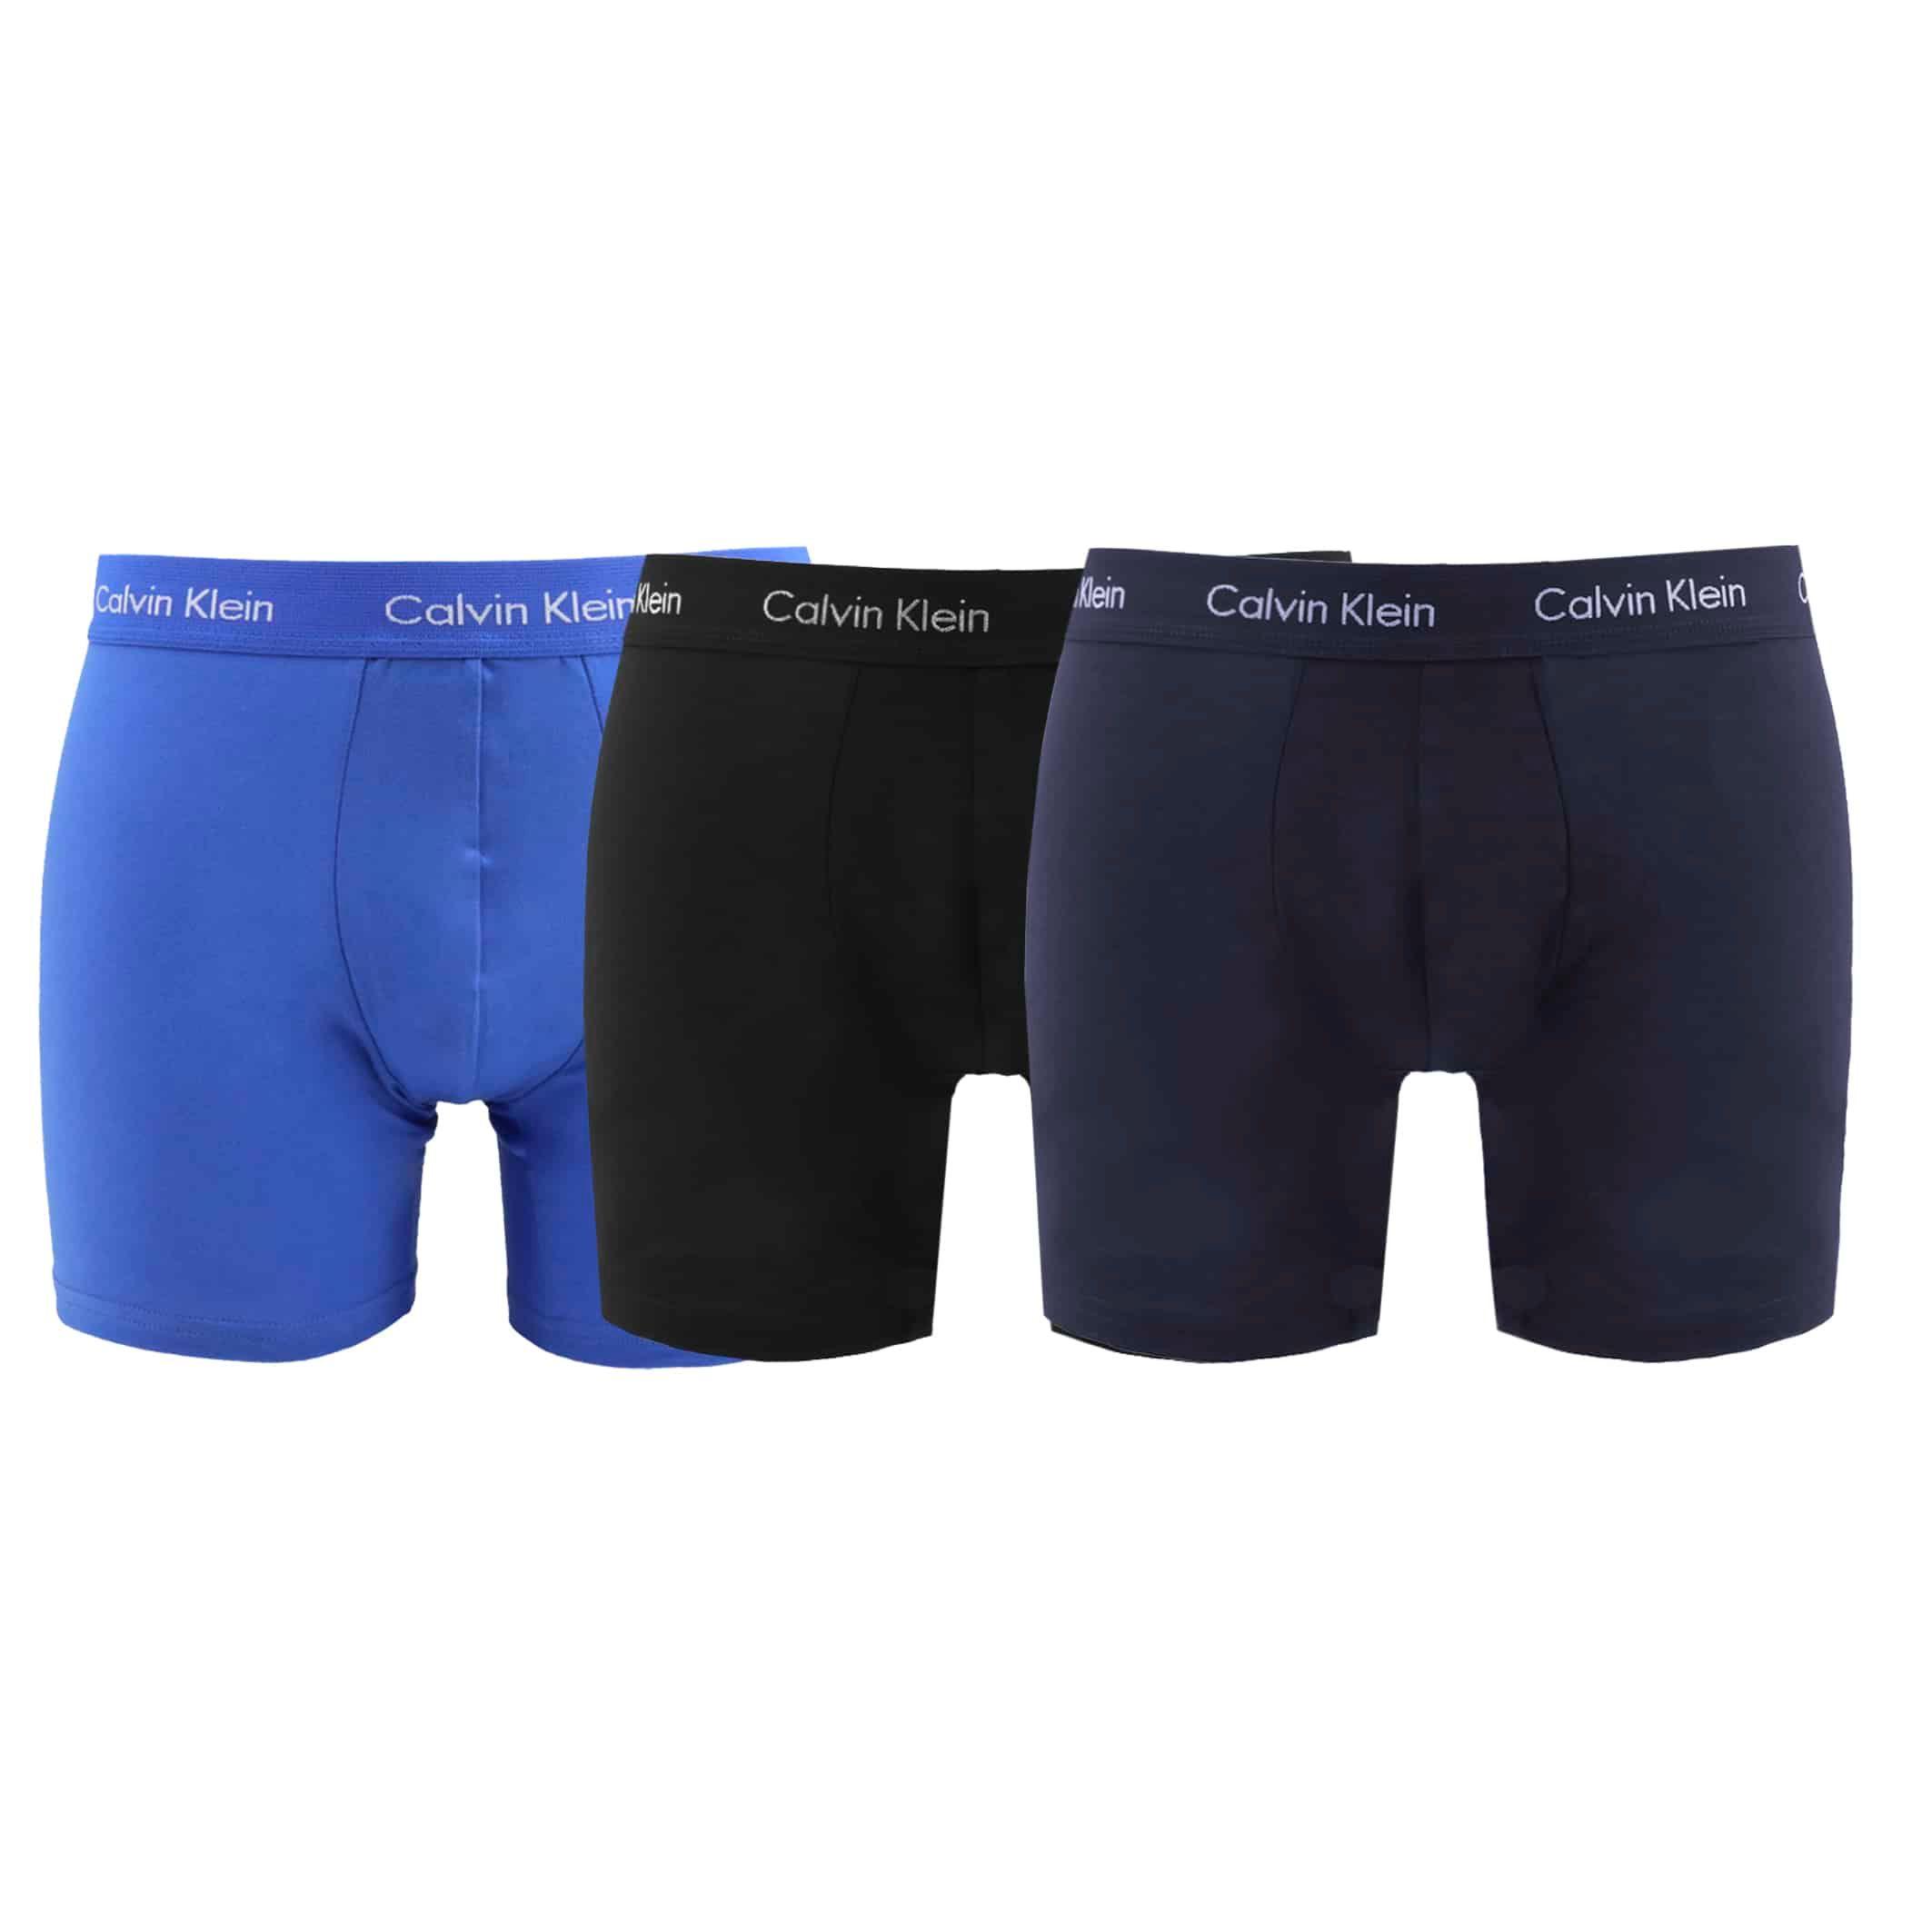 Boxers Calvin Klein – NB177OA